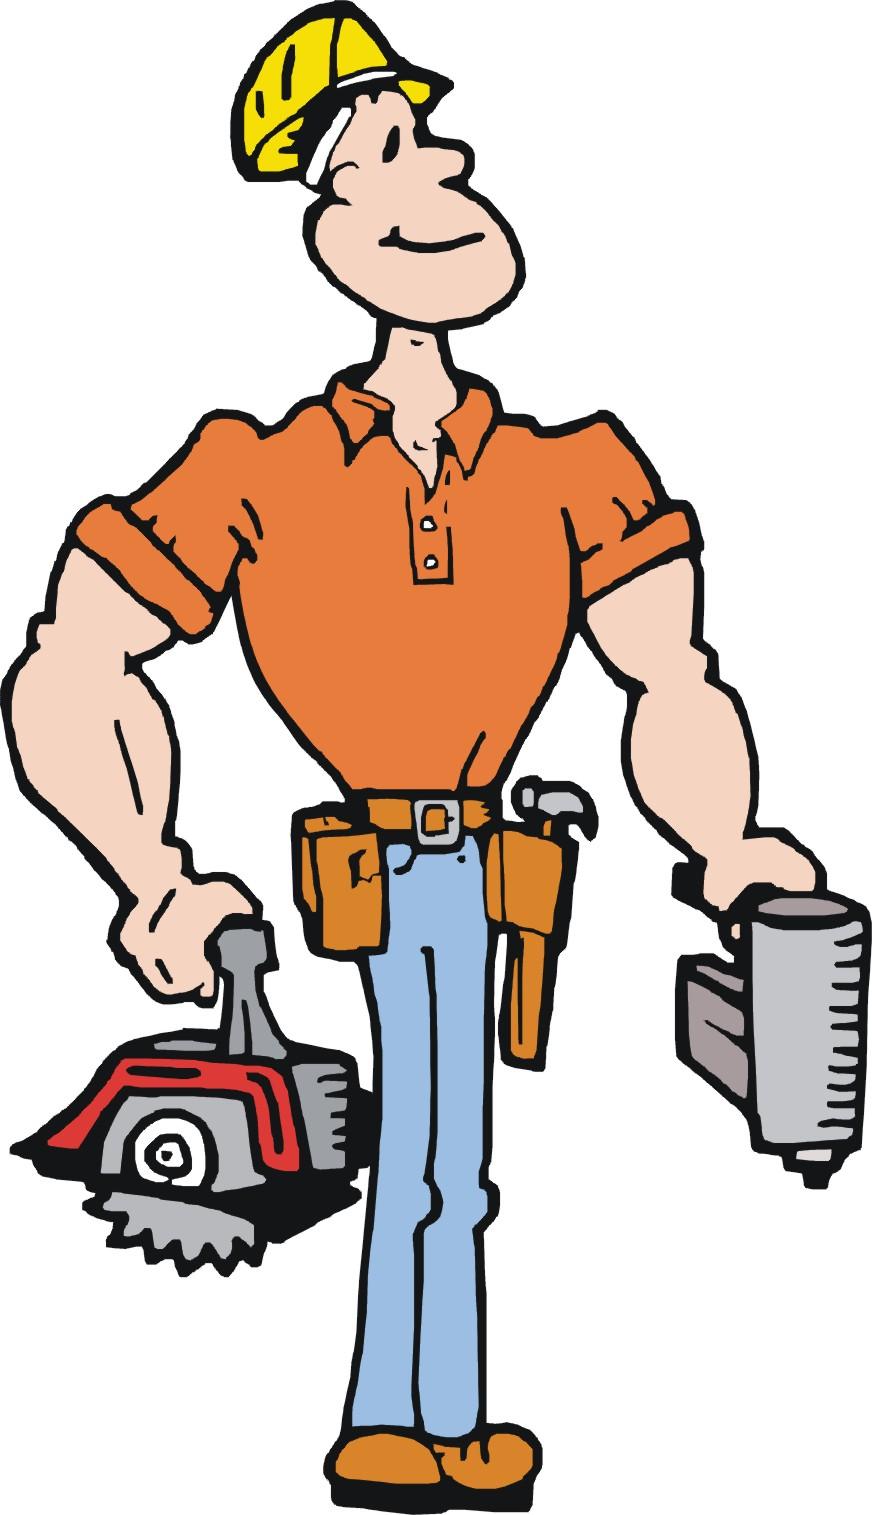 работник по комплексному обслуживанию и ремонту зданий